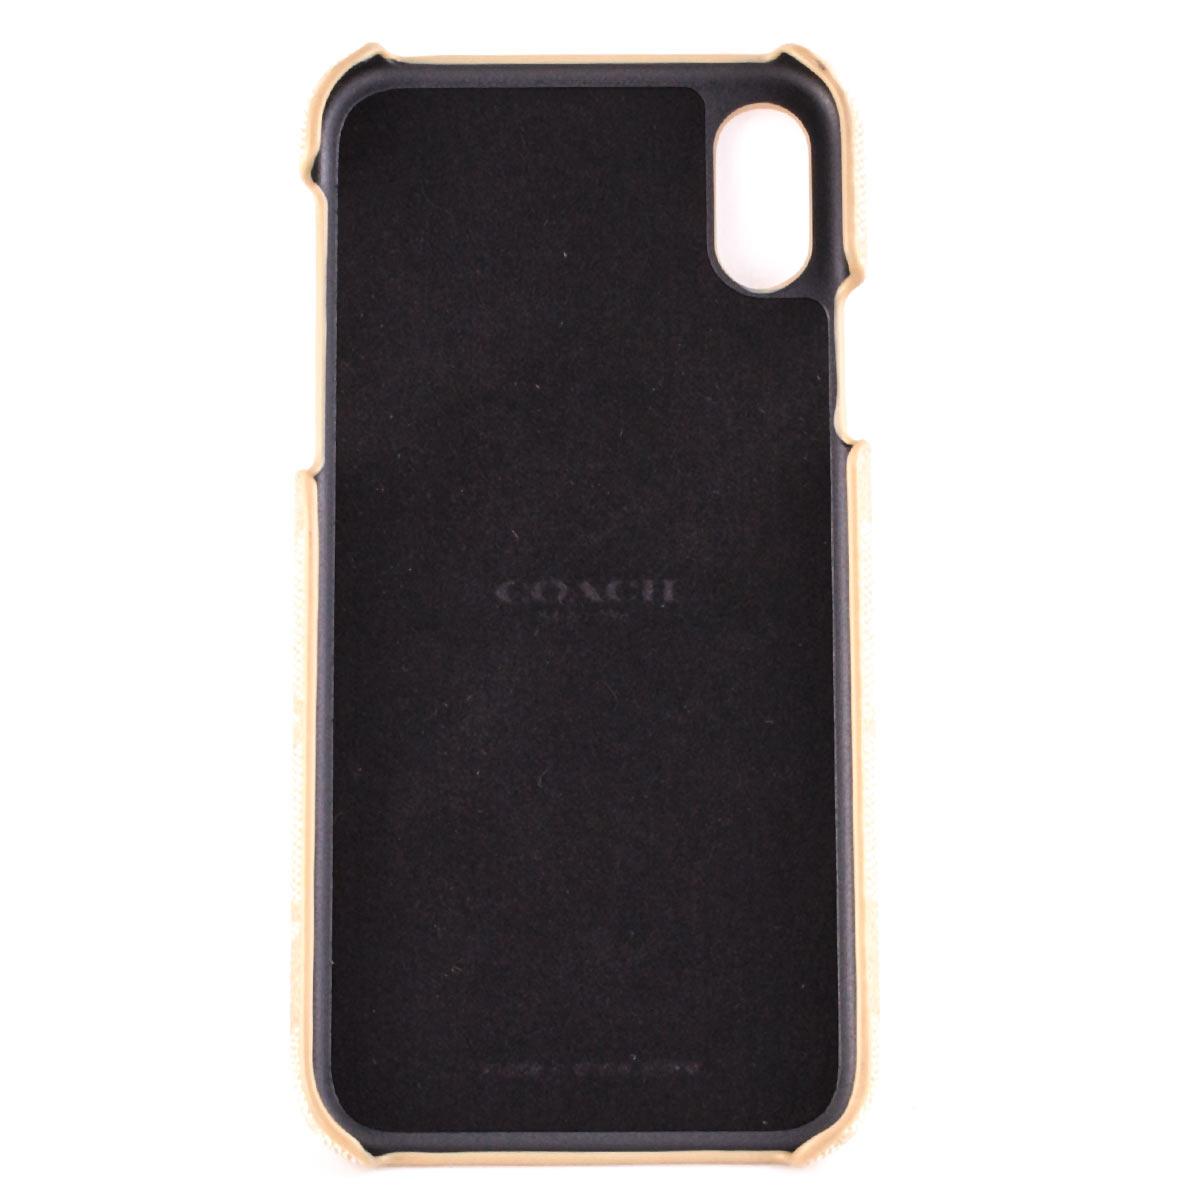 コーチ iphone X XS ケース スマホケース シグネチャー PVC アウトレット COACH